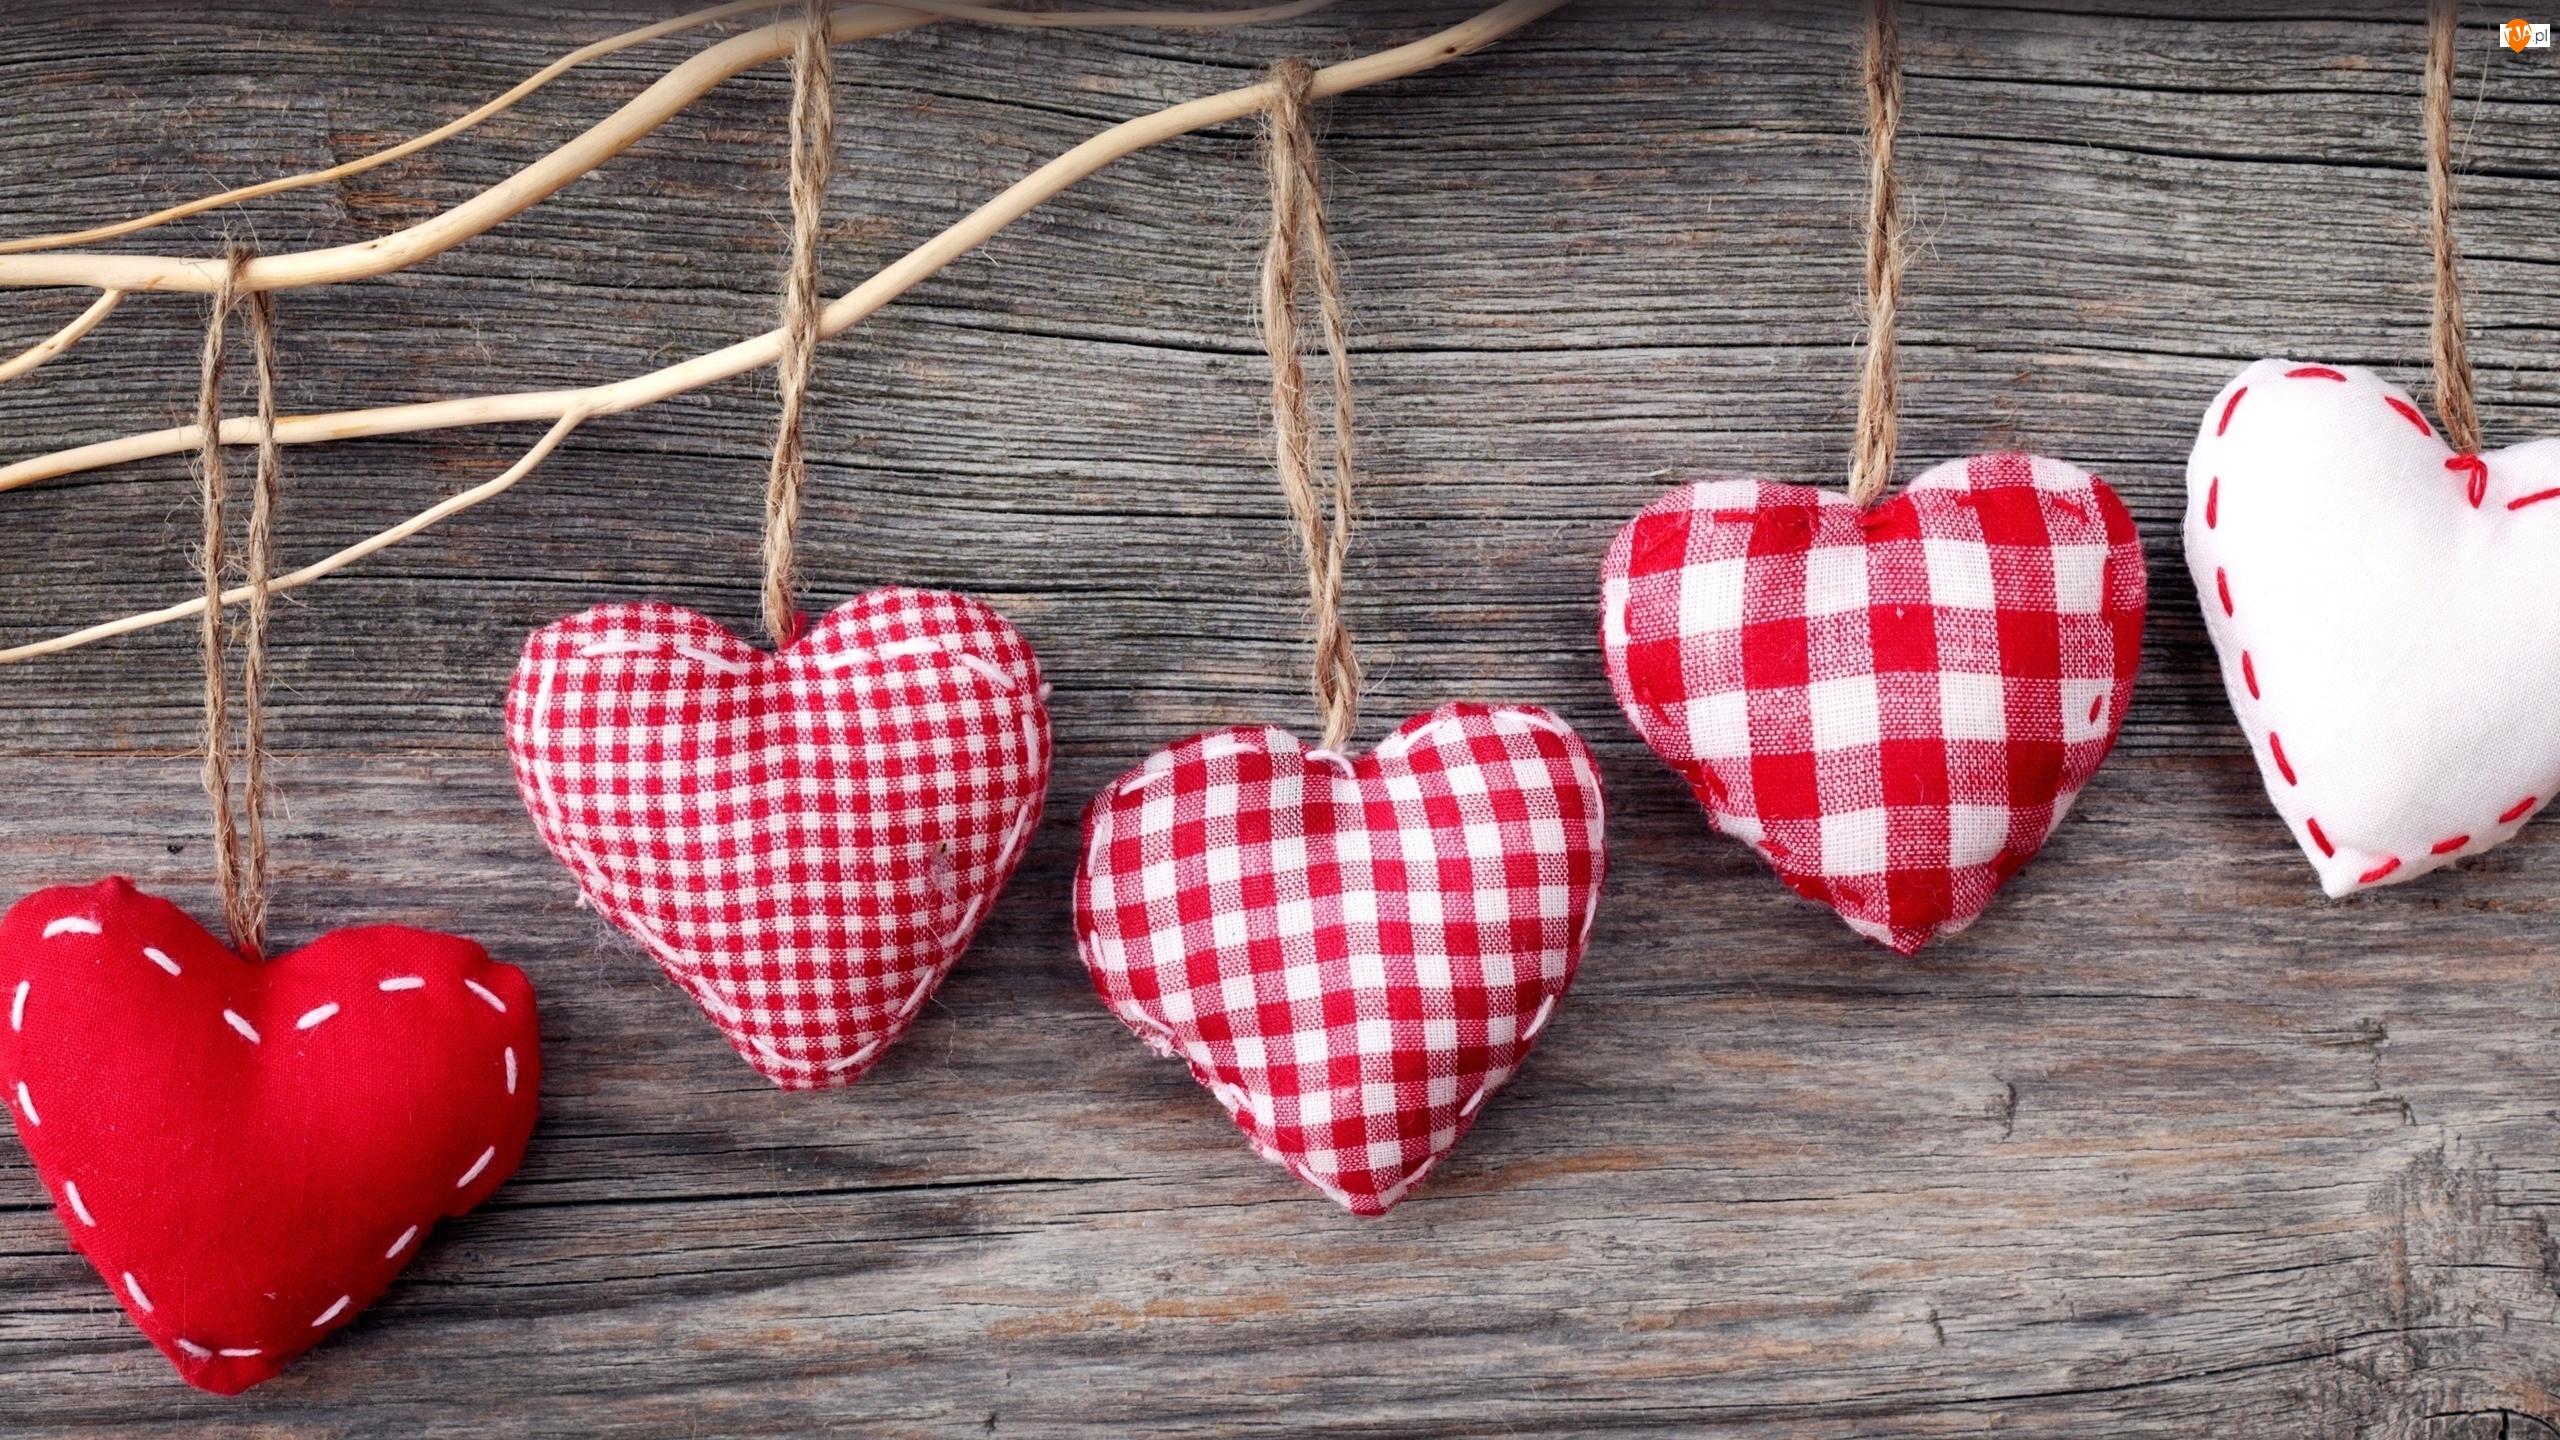 Dekoracja, Serca, Walentynki